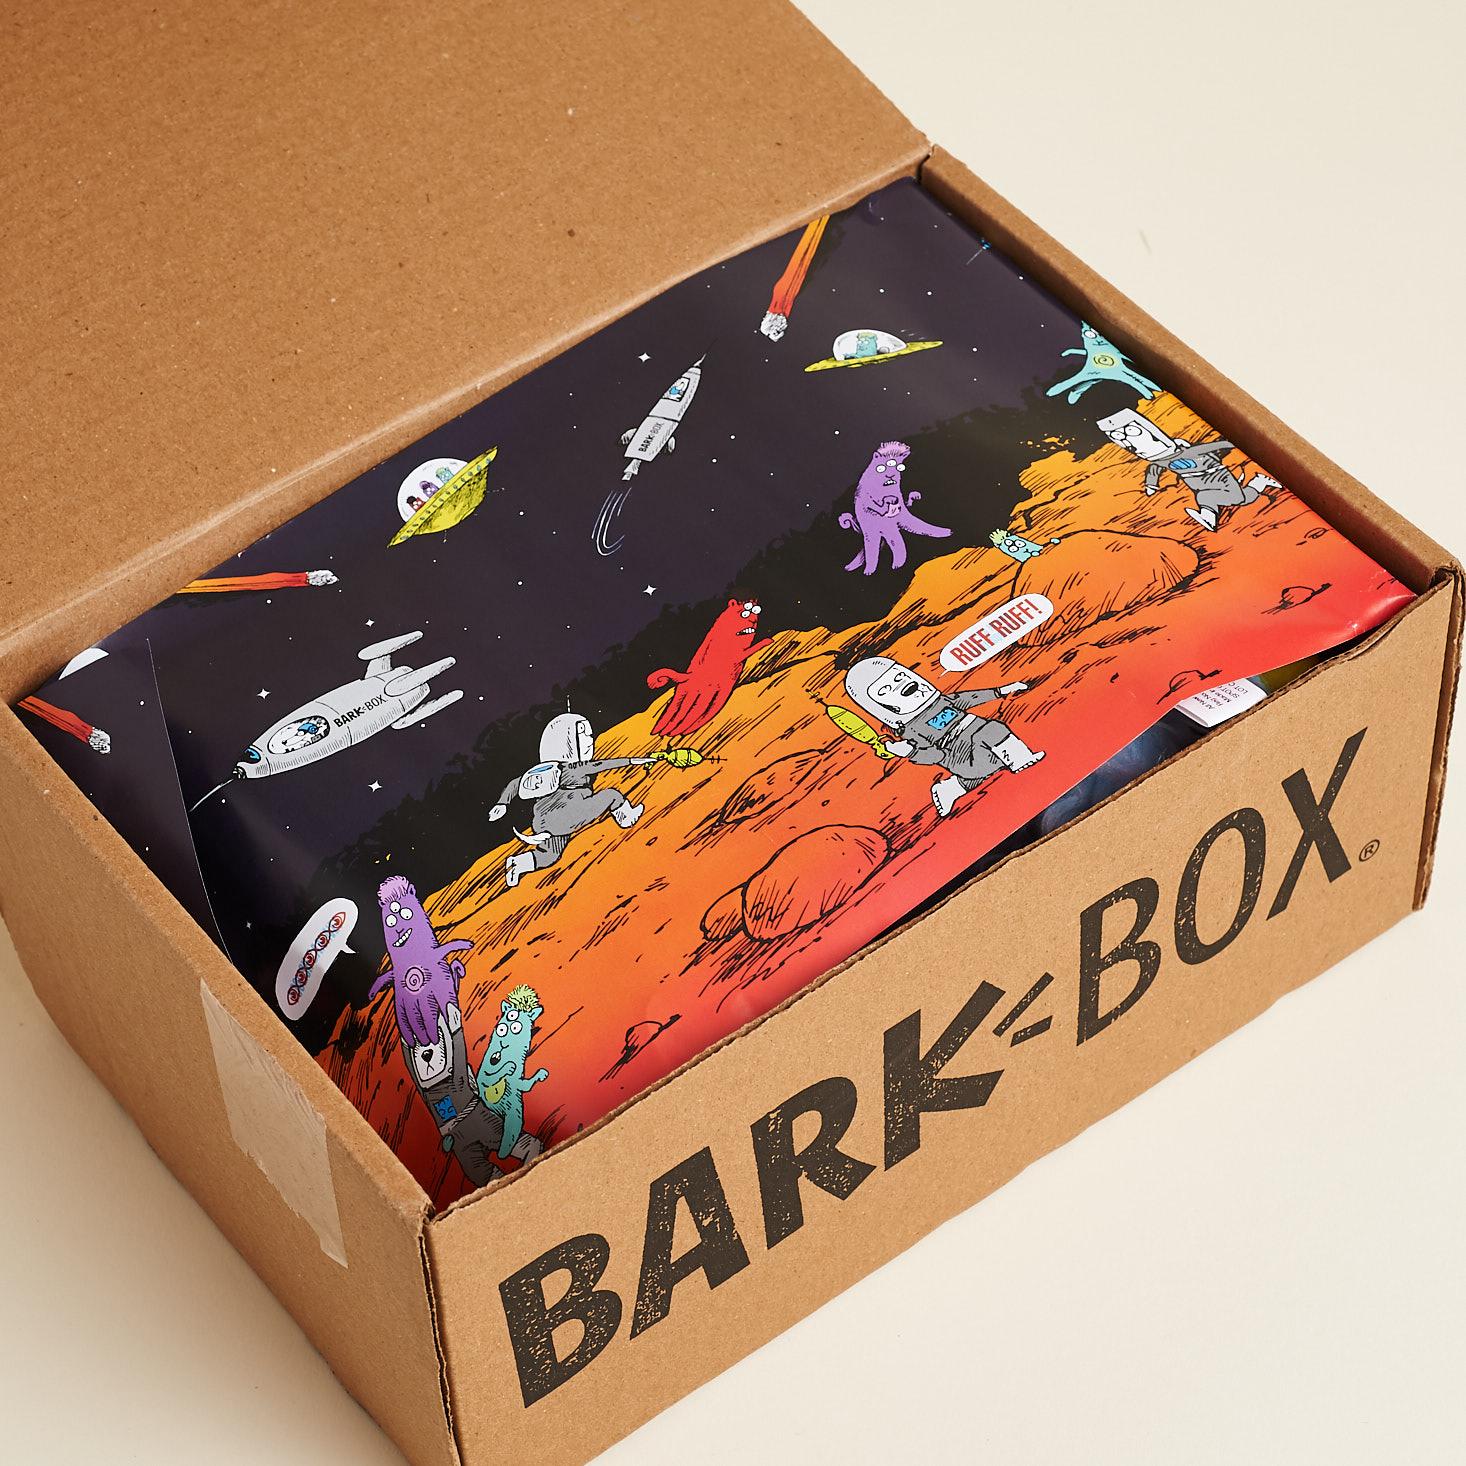 Barkbox-Invasion-August-2017-0002-733x733@2x.jpg